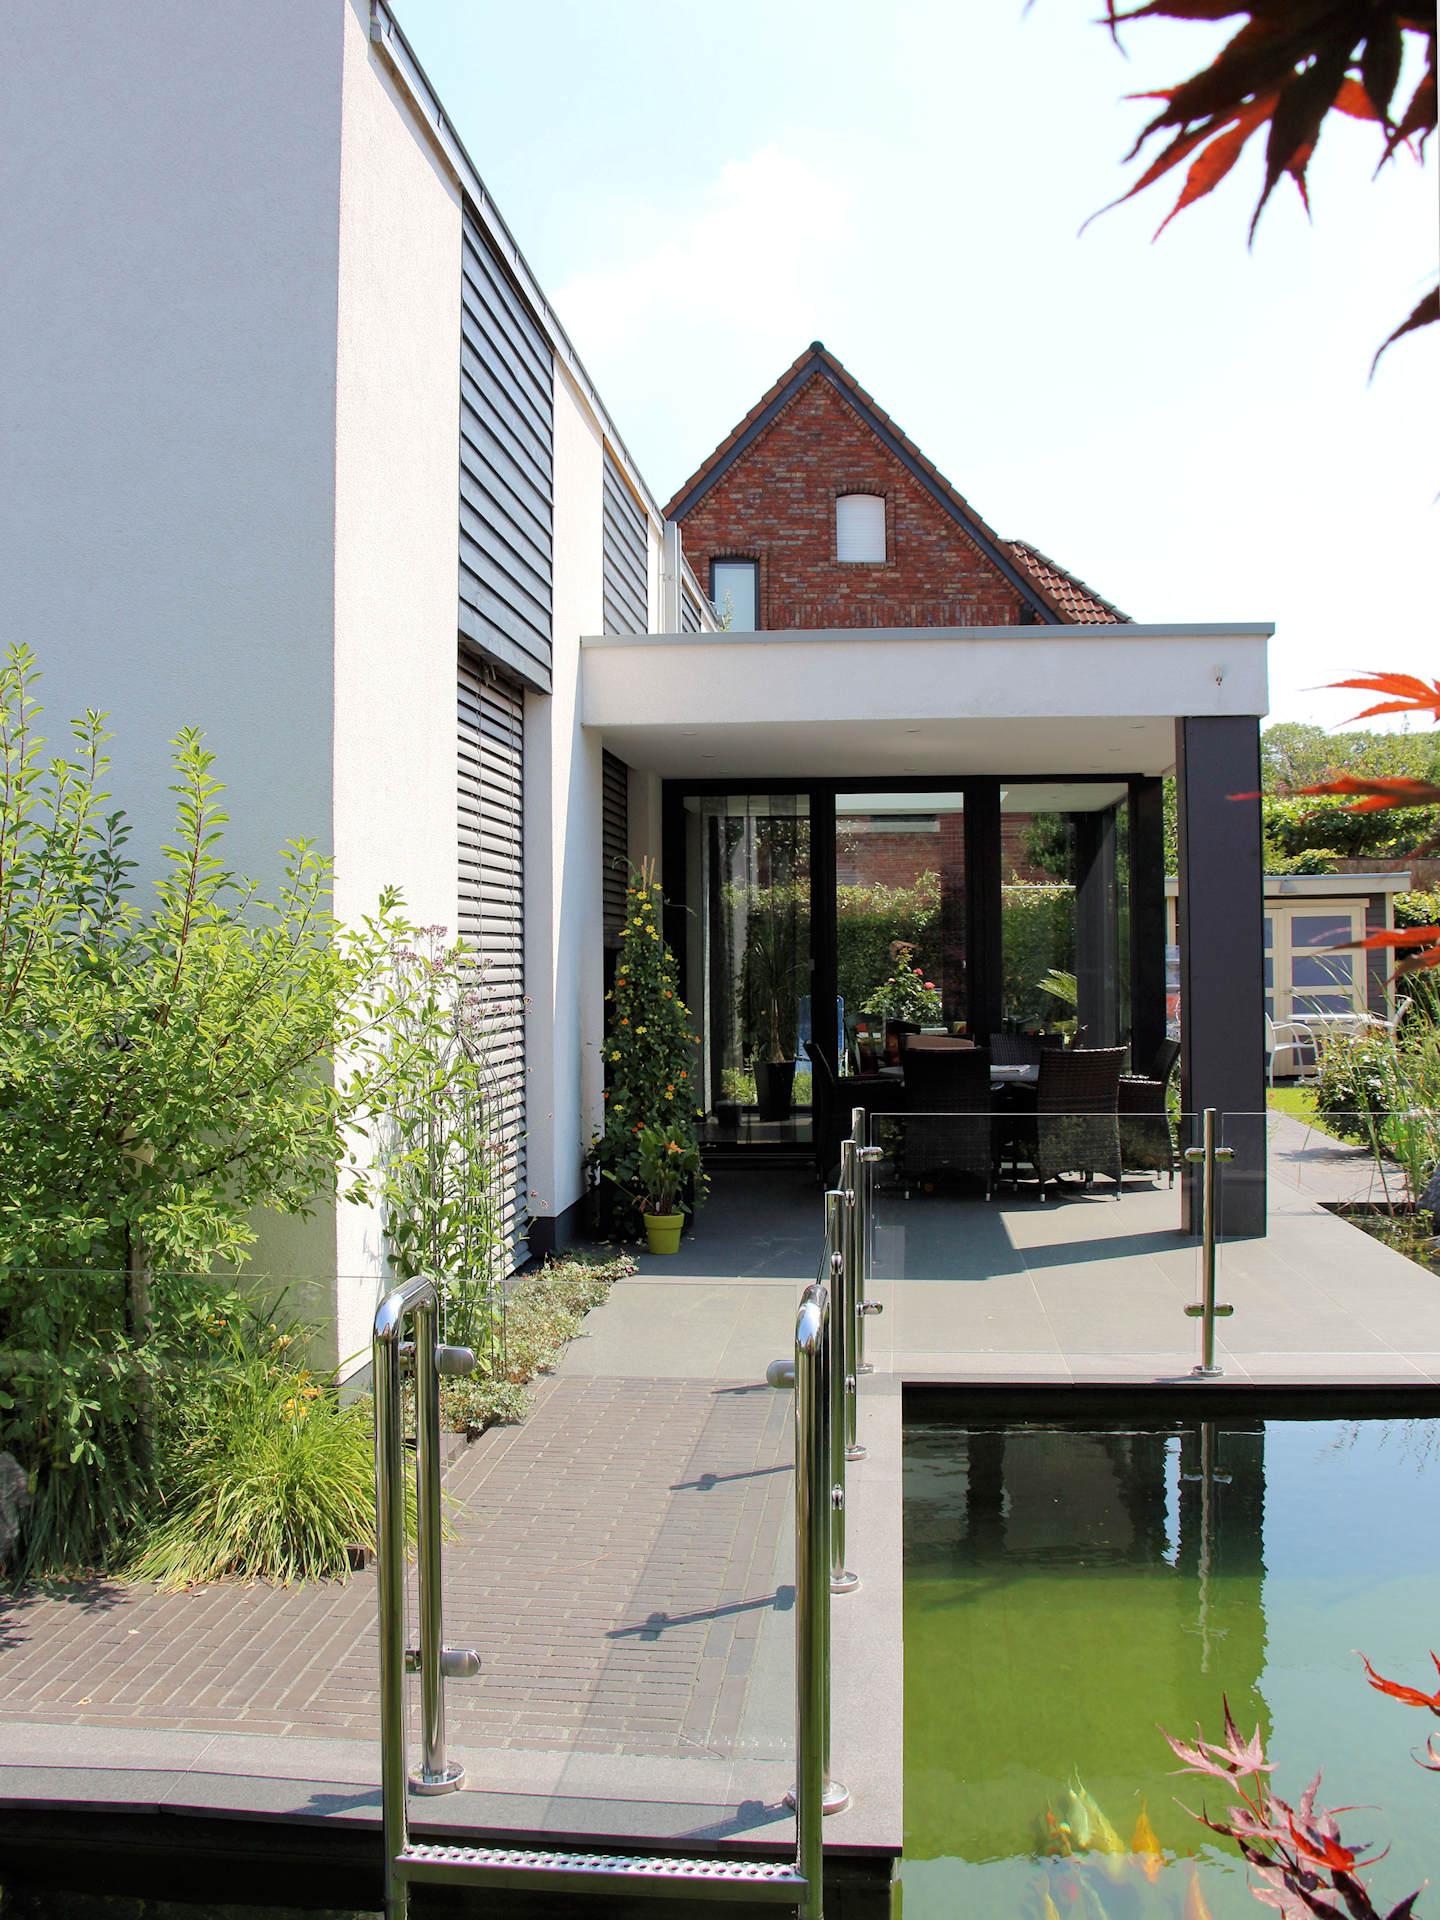 Holzhaus mit Putzfassade, Terrassenüberdachung